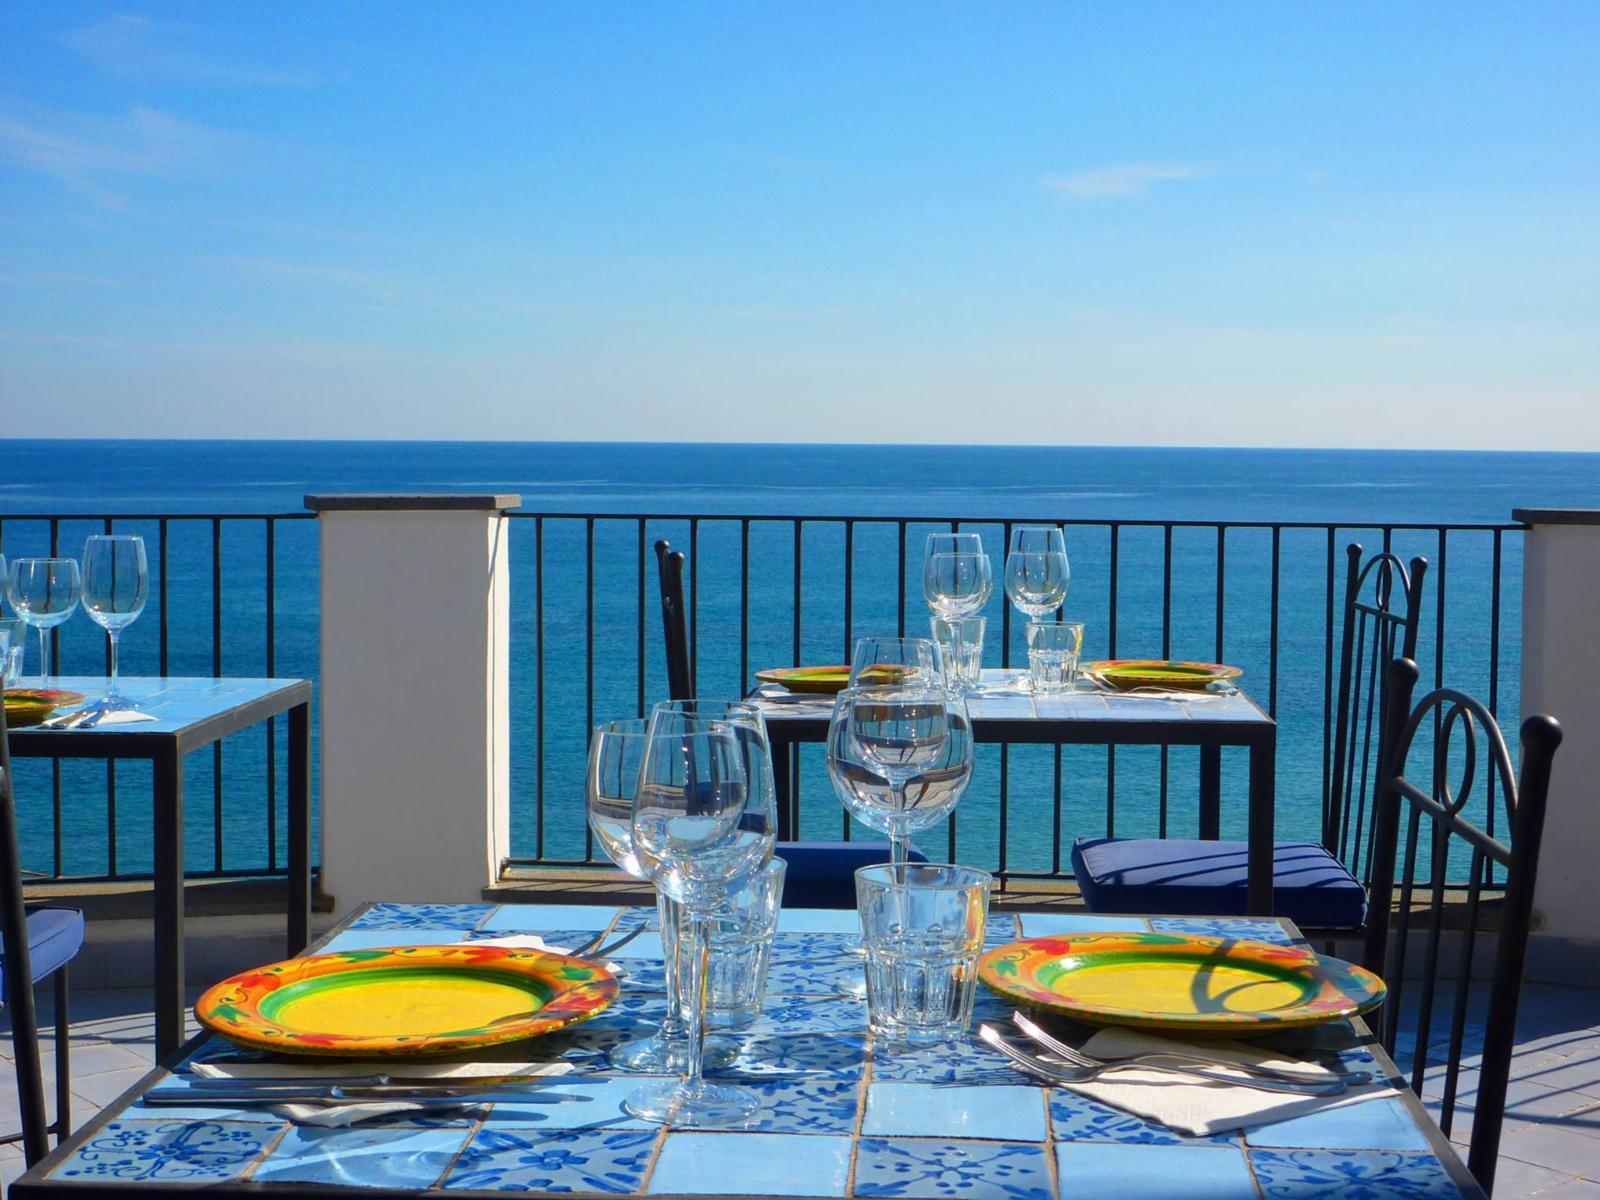 esempio-tavolino-mattonelle-mediterrano